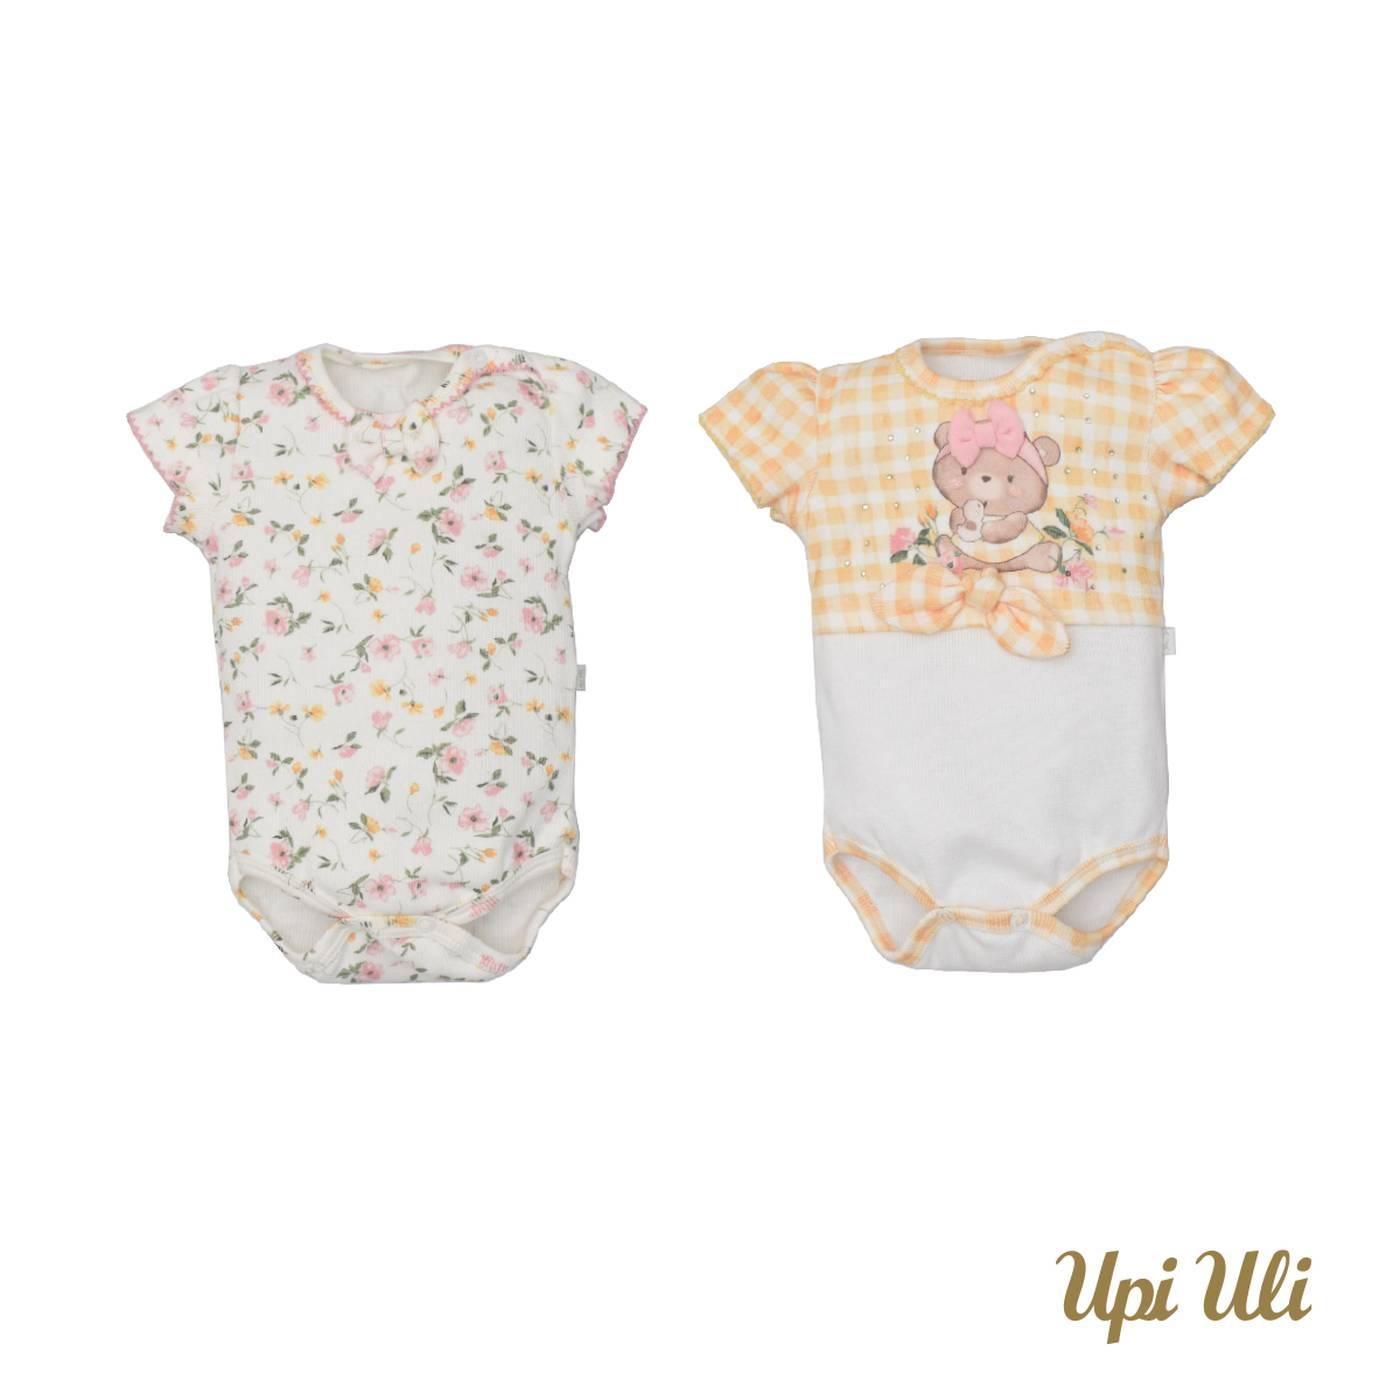 Kit De Bebê Body 2 Peças Ribana Comfort Moni Aninha